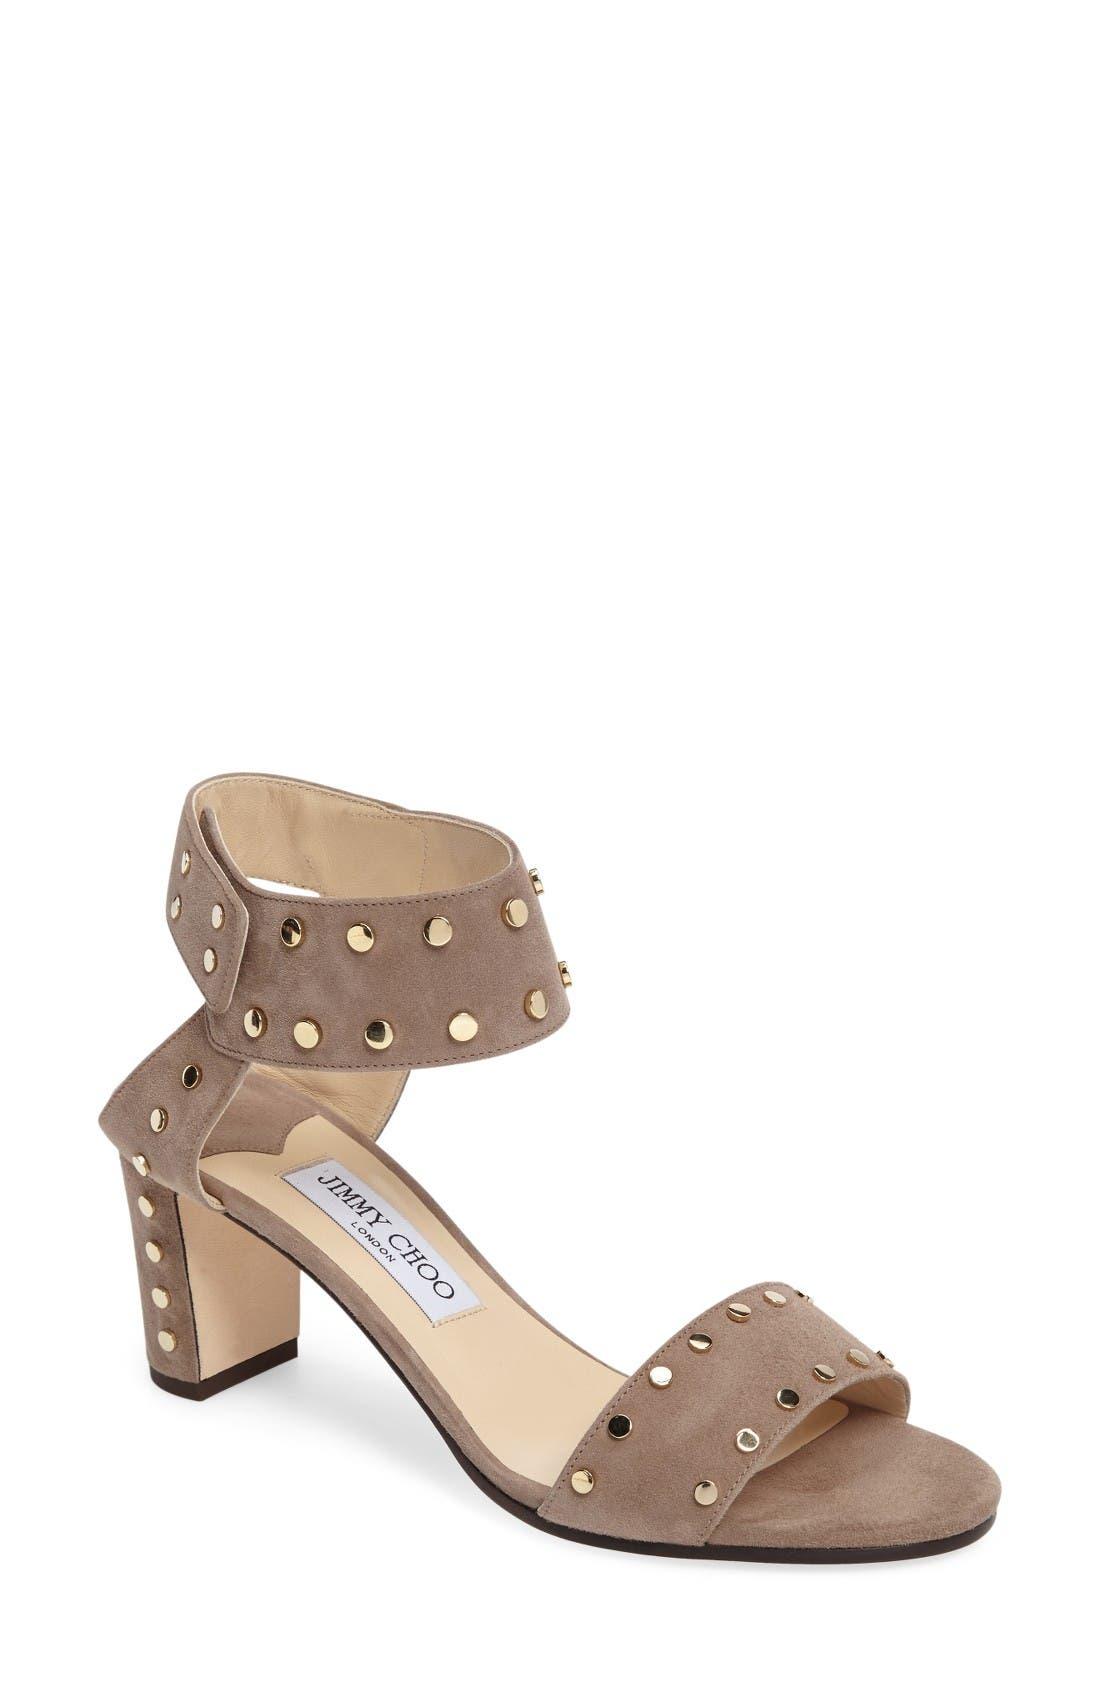 Alternate Image 1 Selected - Jimmy Choo 'Veto' Studded Sandal (Women)